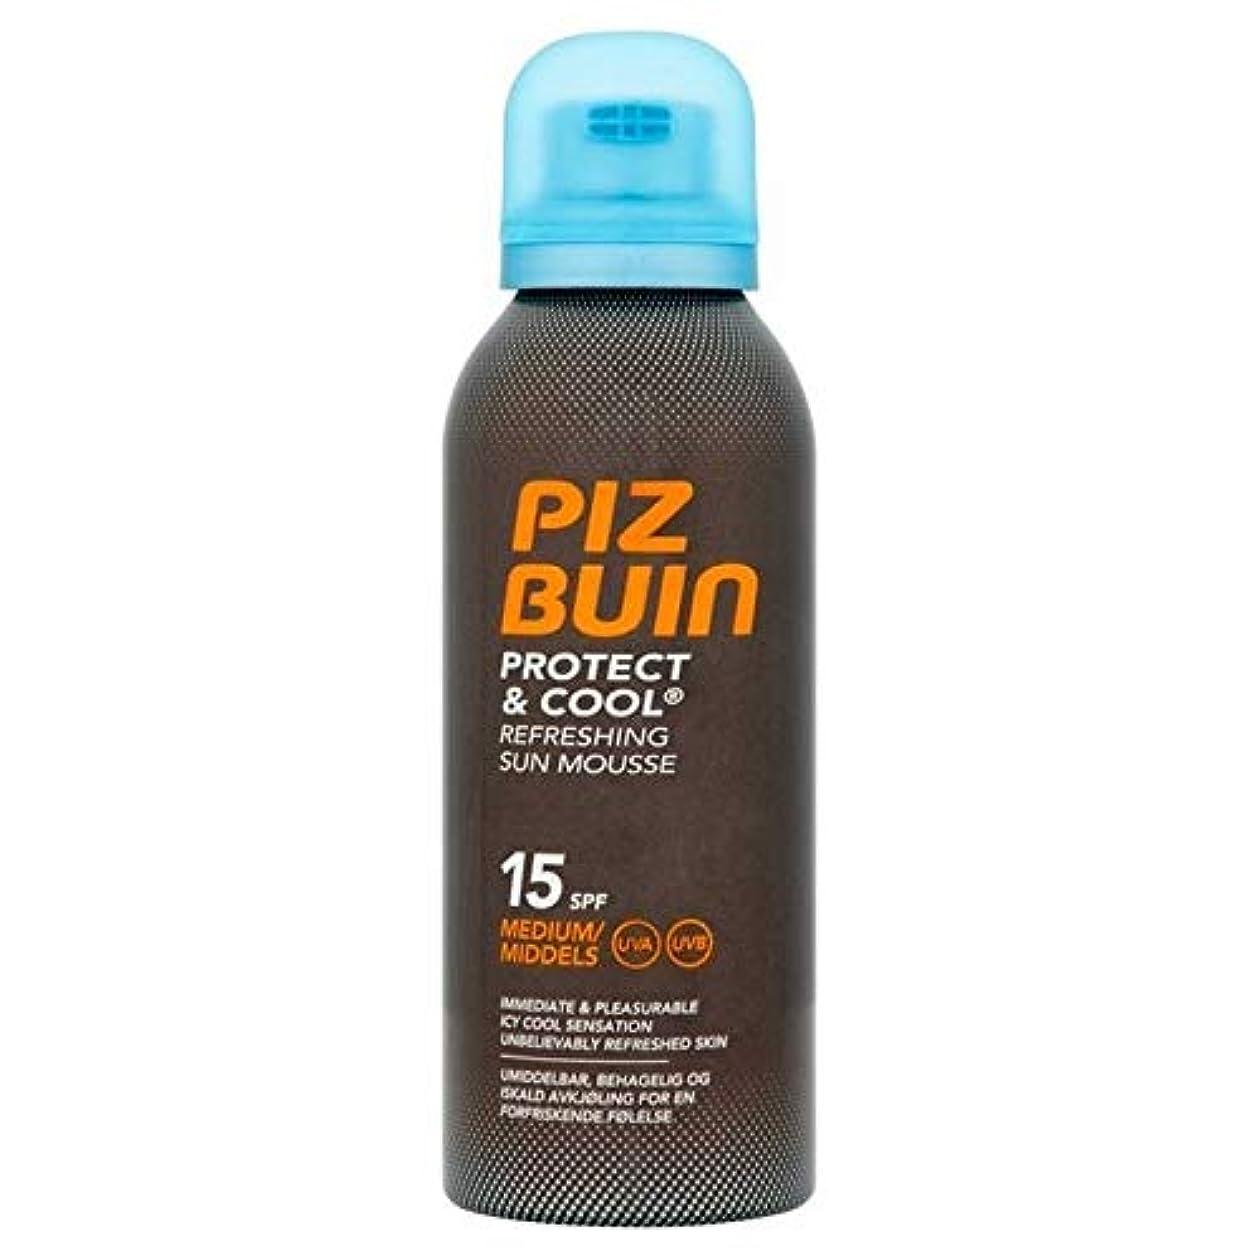 ベスビオ山リマ前投薬[Piz Buin] ピッツのBuinのは、太陽のムースSpf15の150ミリリットルを保護&クール - Piz Buin Protect & Cool Sun Mousse SPF15 150ml [並行輸入品]